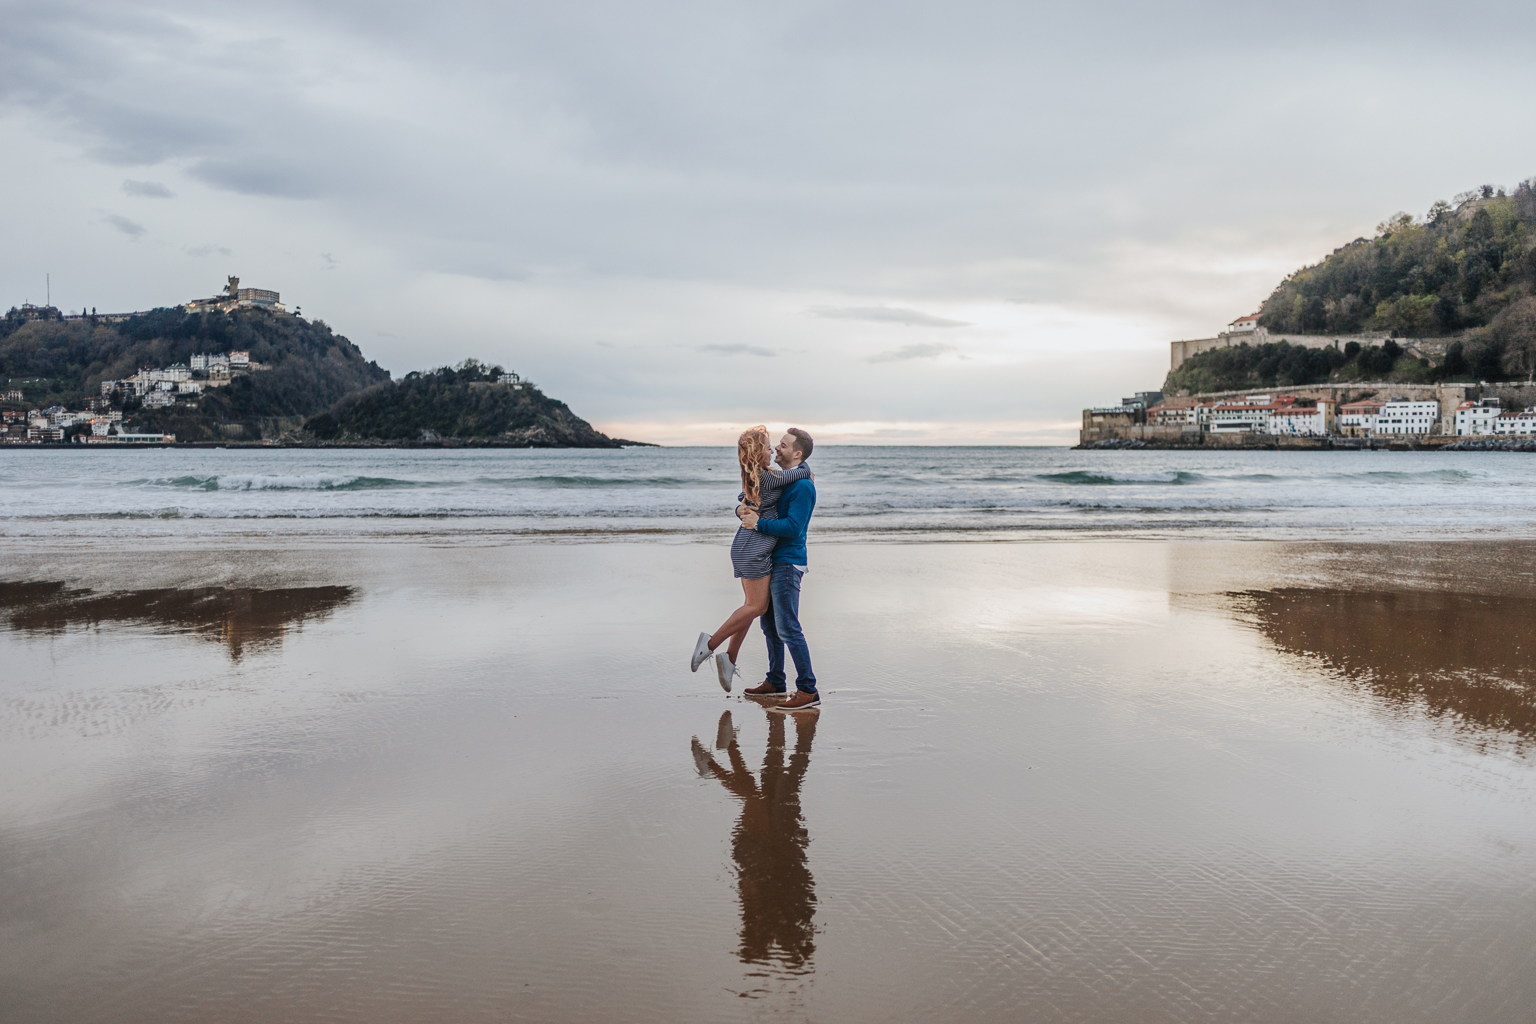 Fotógrafo de pareja San Sebastián :: Fotografía preboda Donostia :: Fotografía de pareja :: Destination photographer :: Fotógrafo de destino :: Fotógrafo de boda San Sebastián :: Fotógrafo boda Donosti